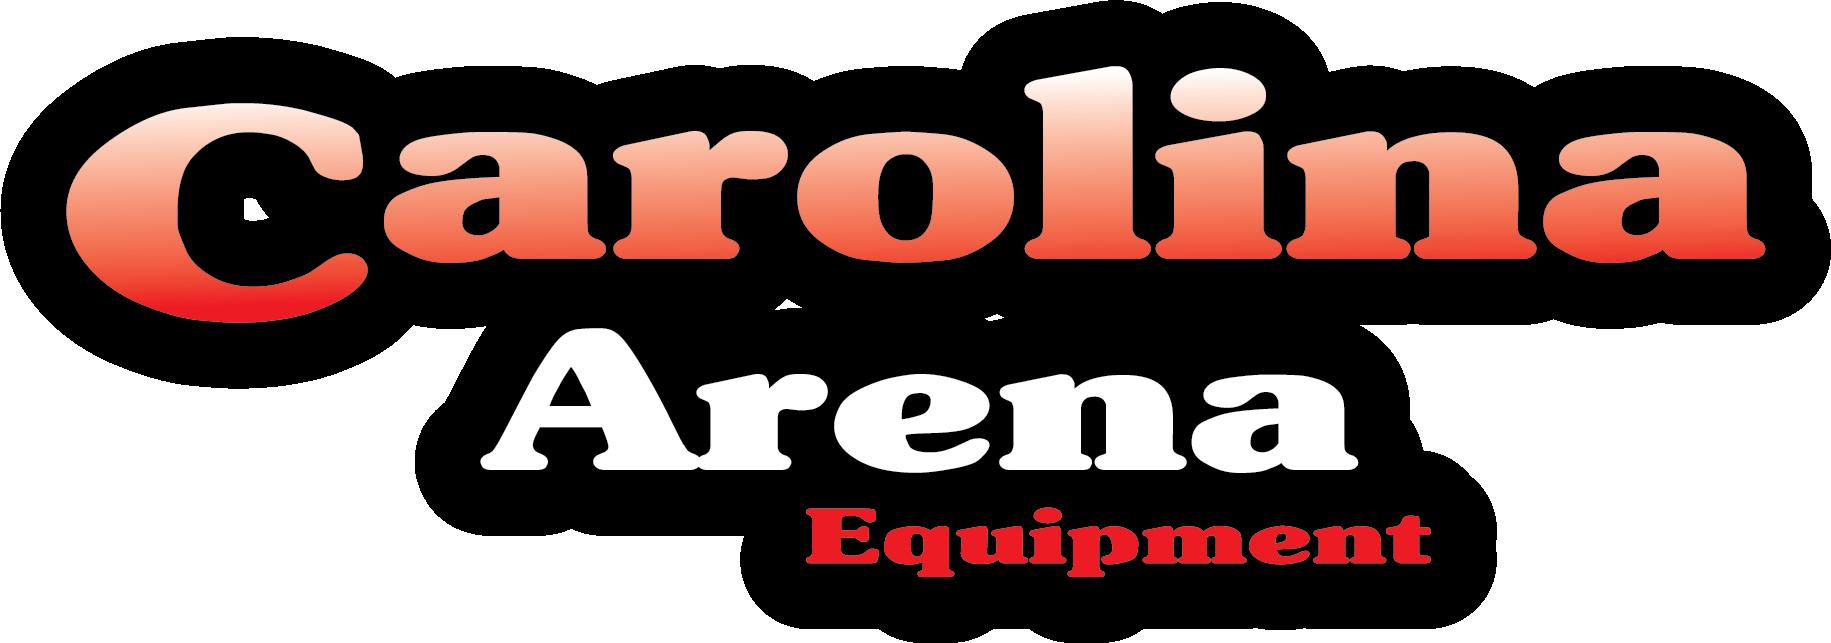 Carolina Arena